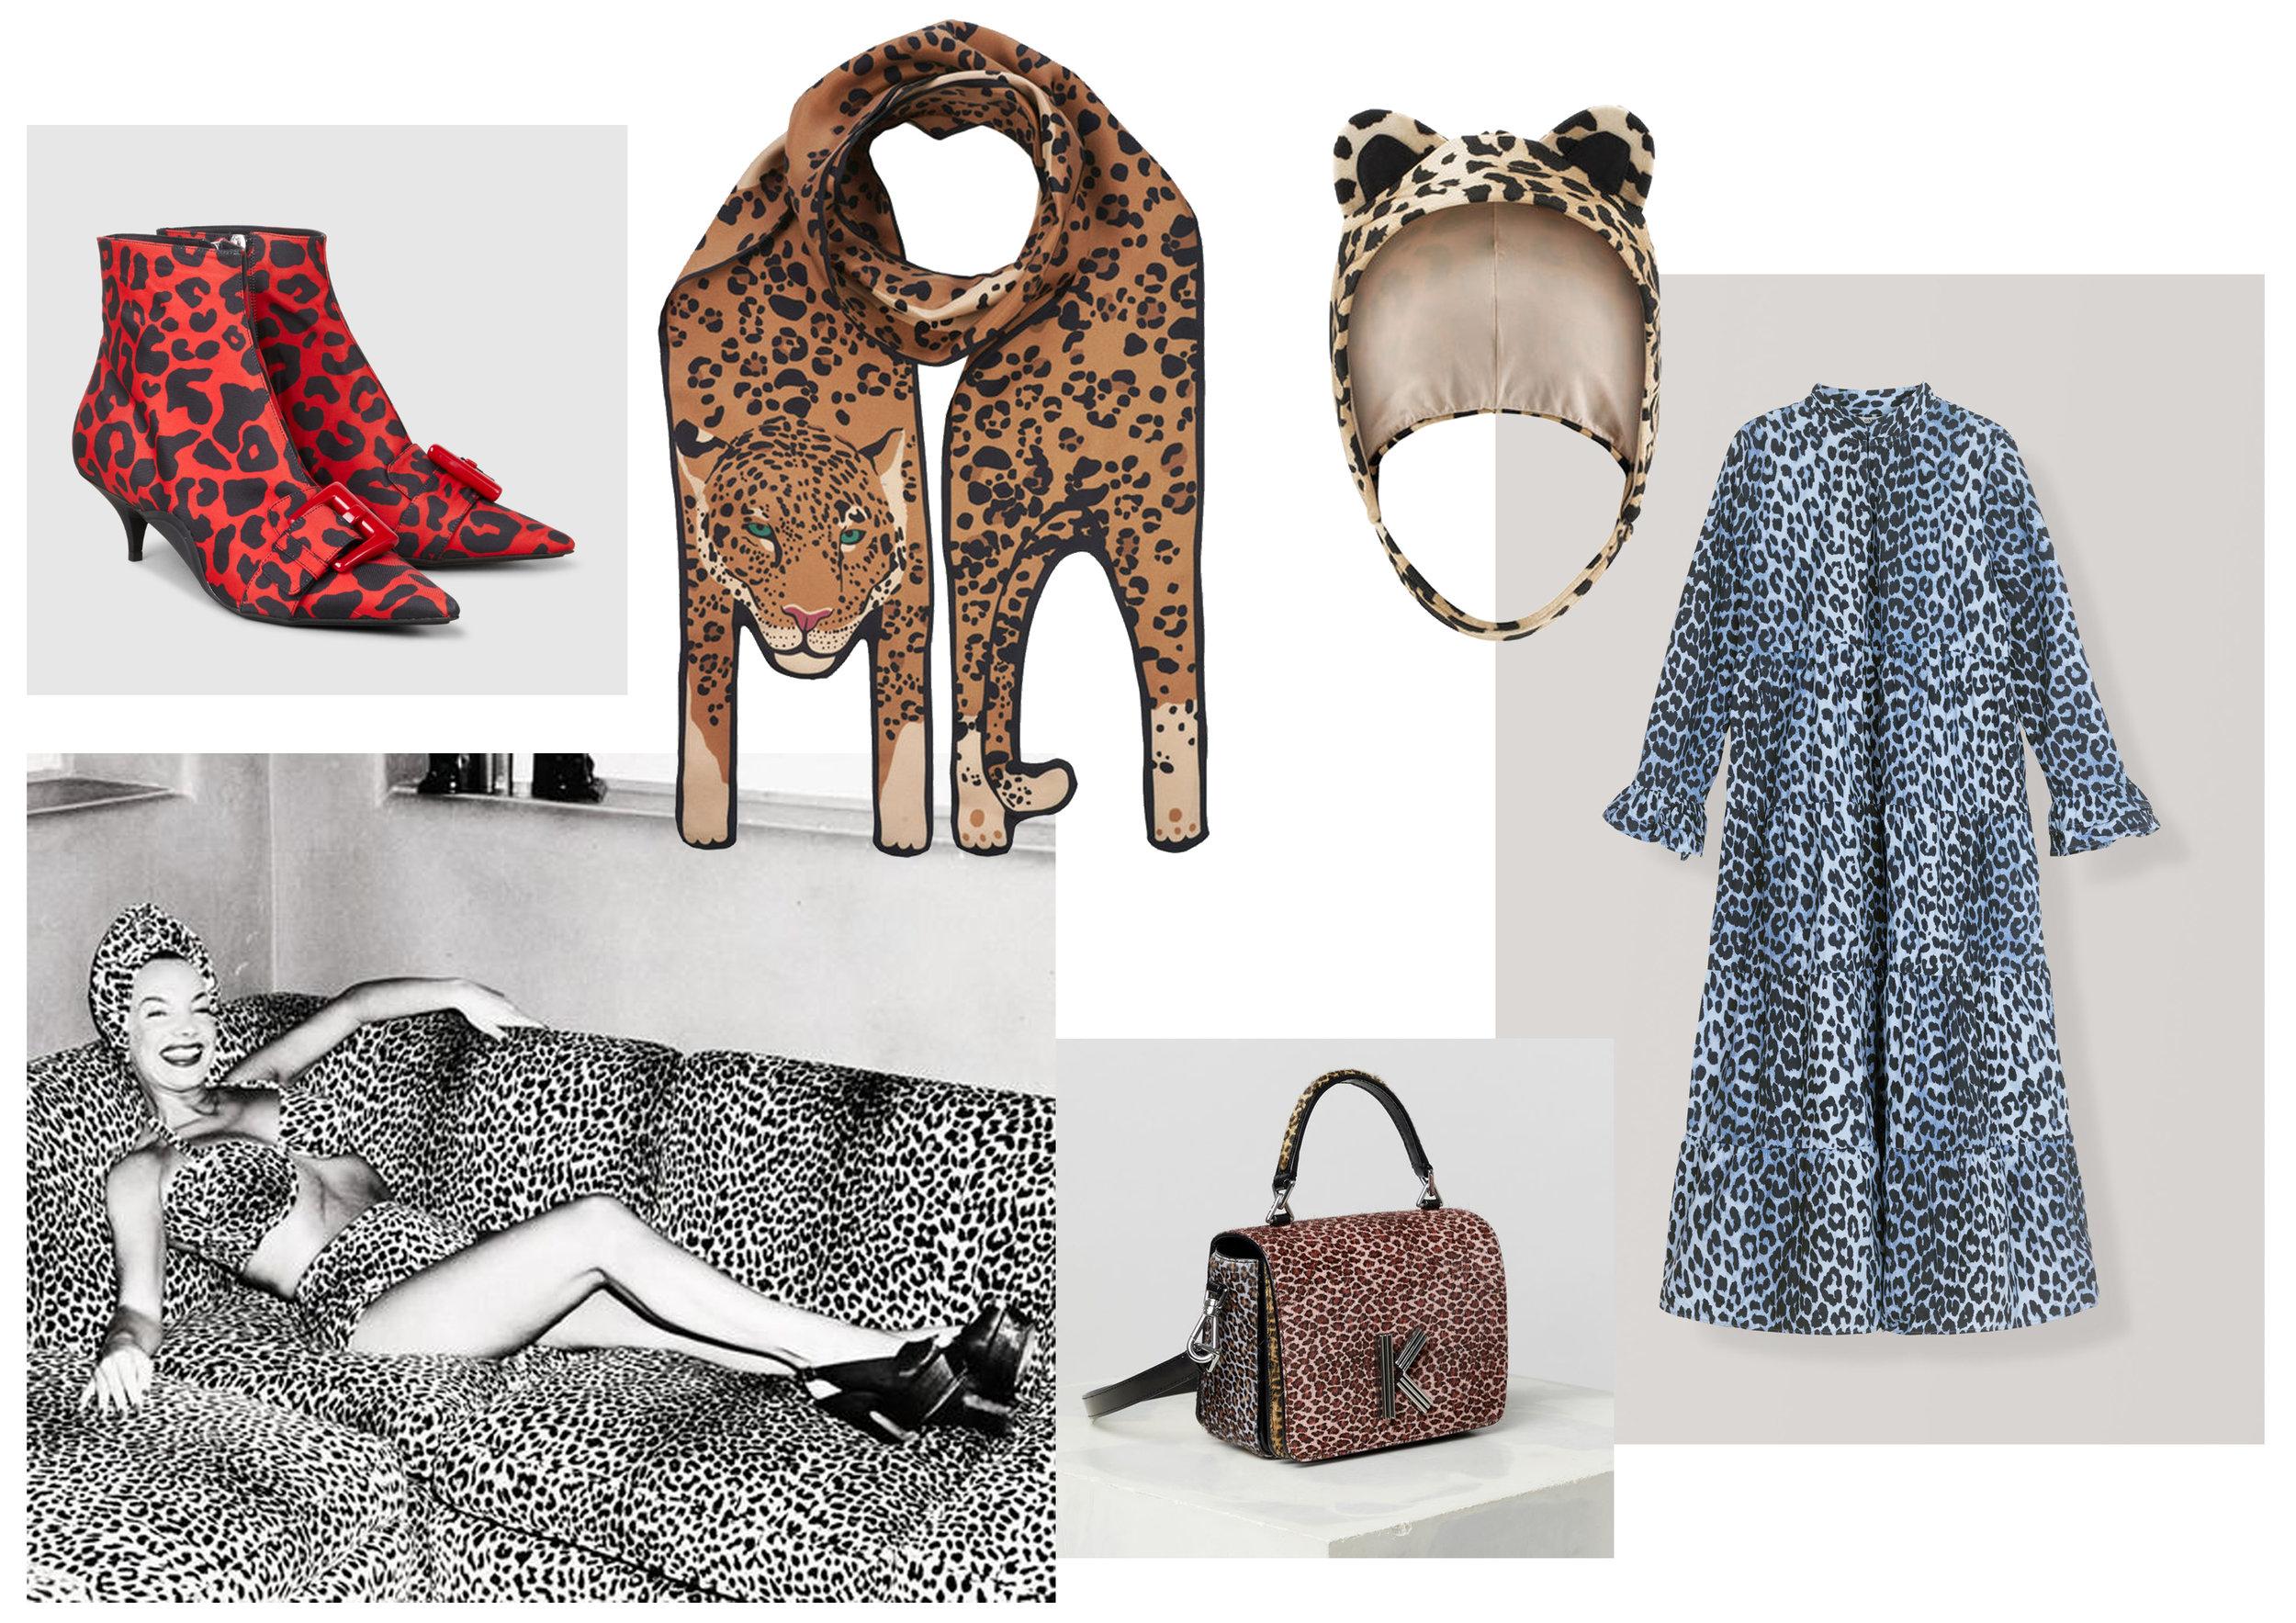 时尚风格 - cleo ferin mercury - 丝巾 - 动物印花 - 美洲虎印刷品 - 豹纹.jpg